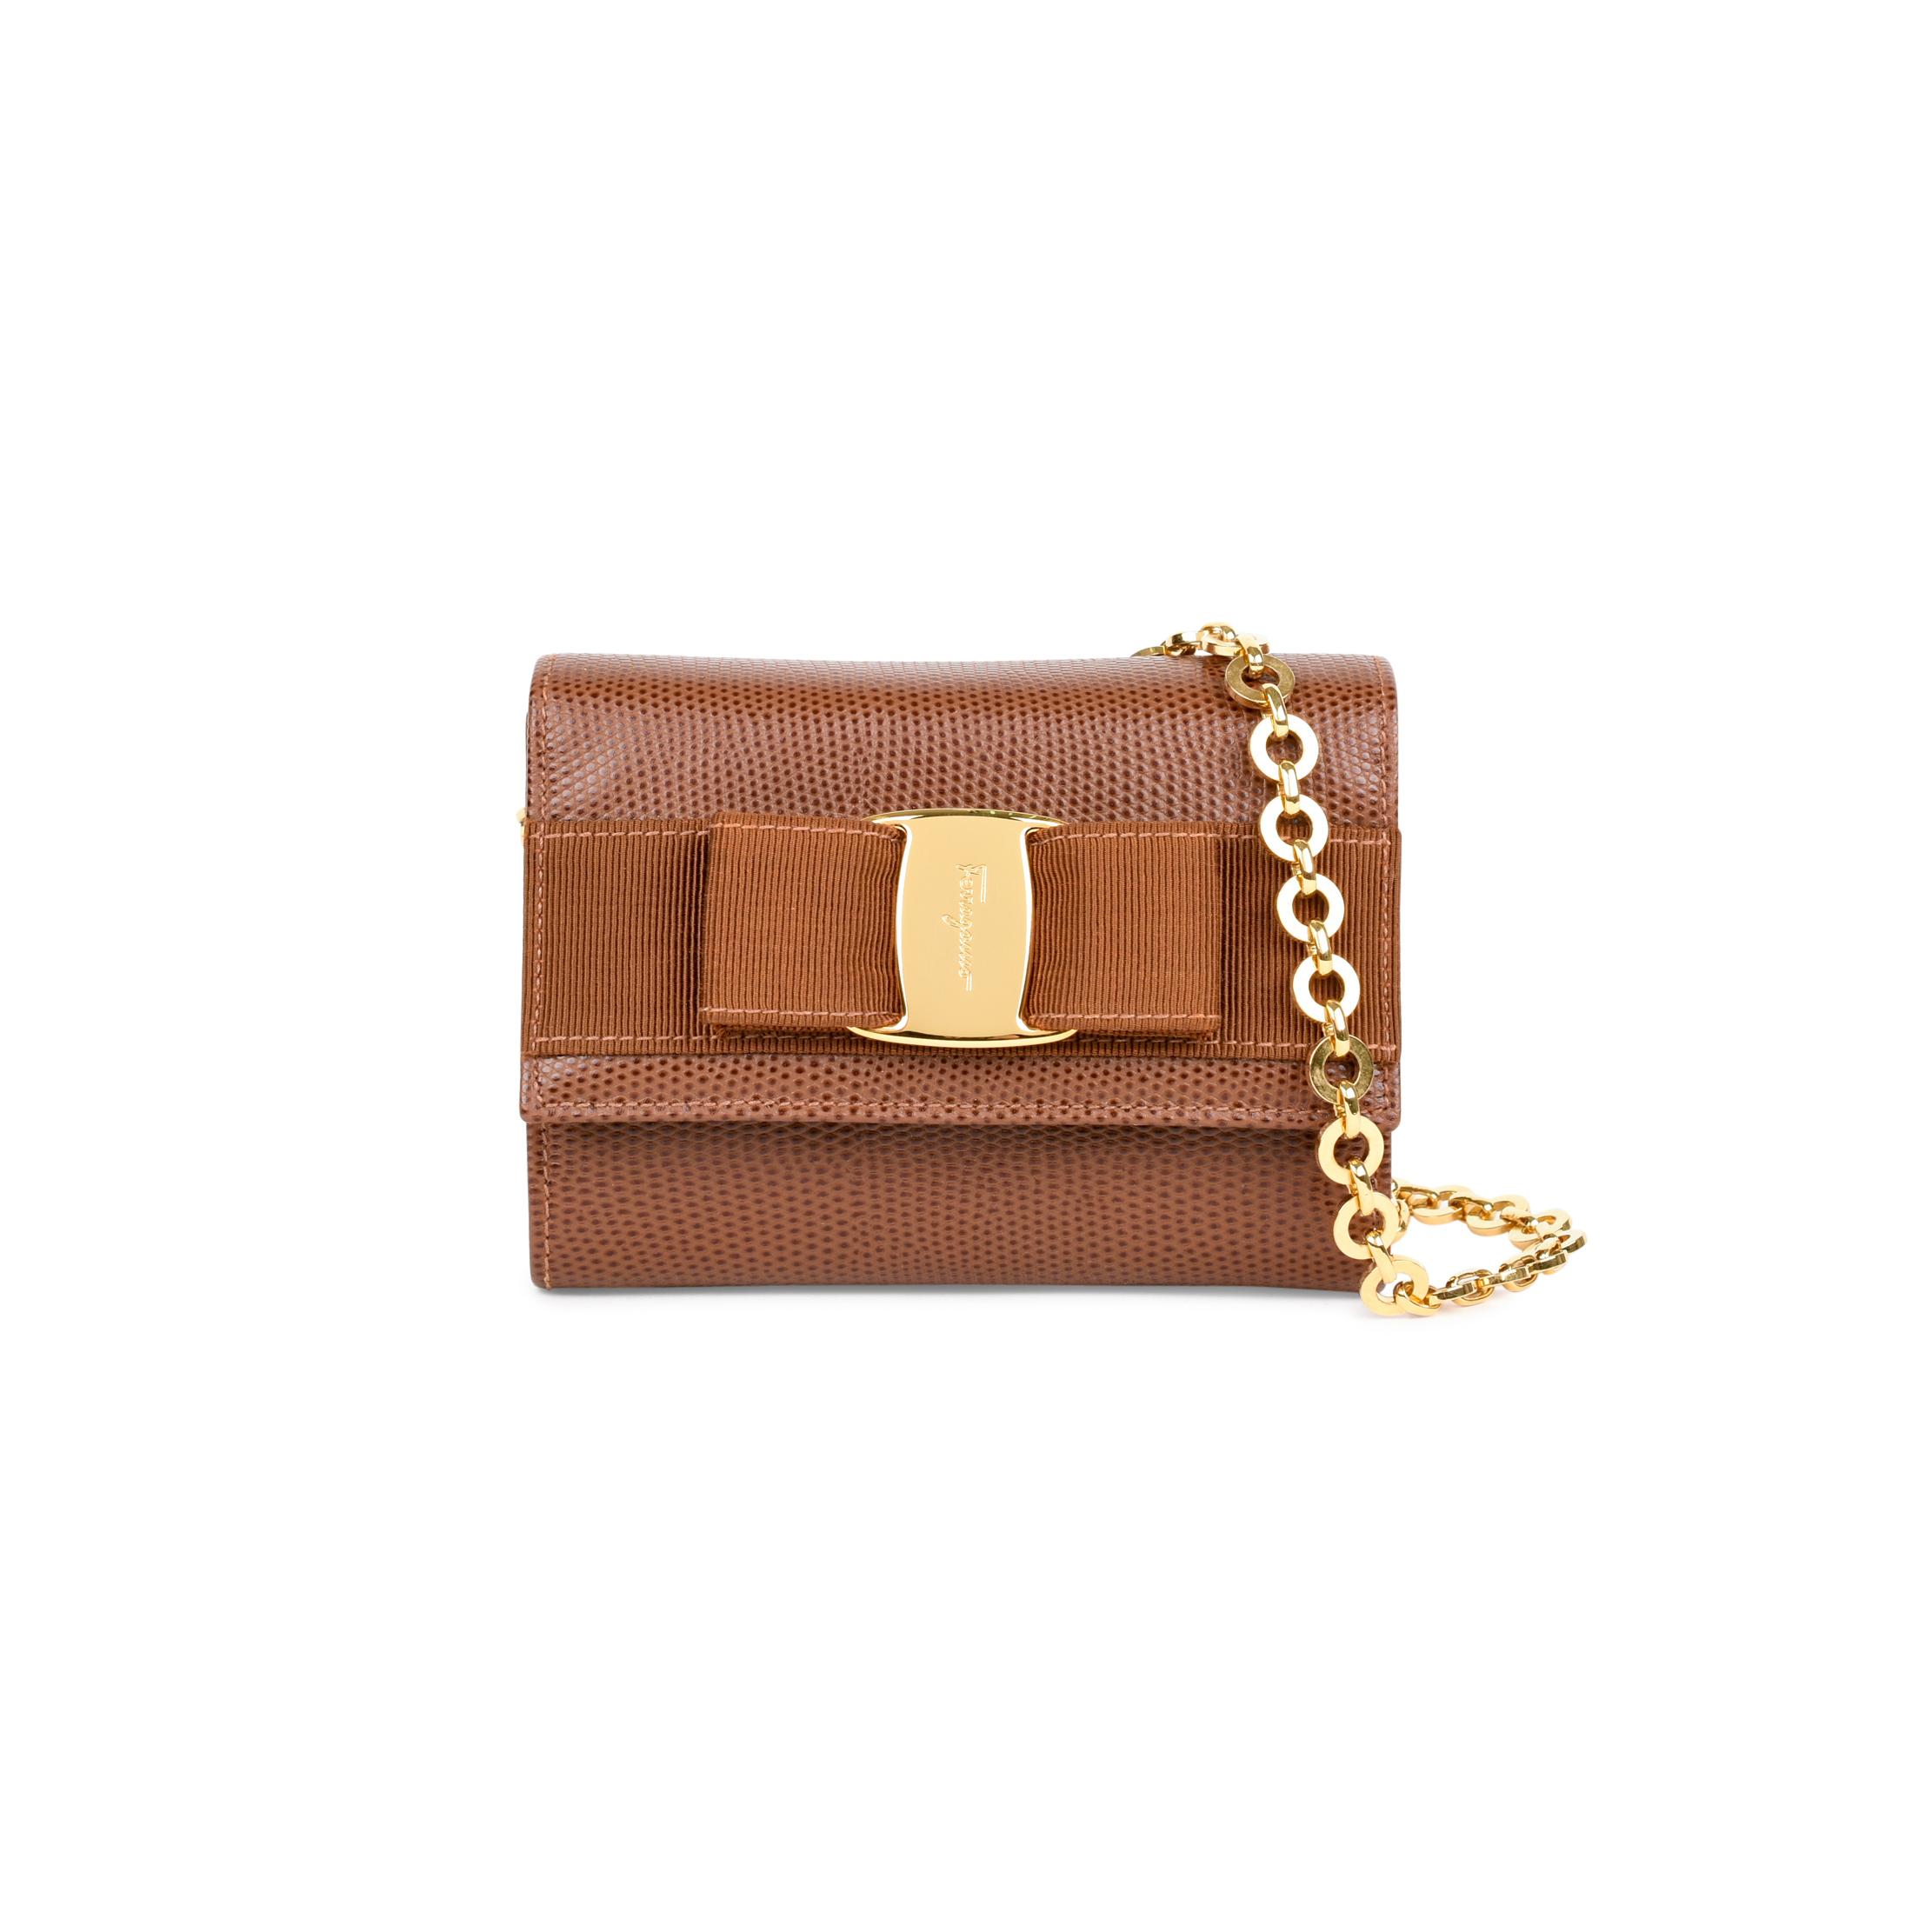 0fe2dfc5b3 Authentic Vintage Salvatore Ferragamo Vara Bow Chain Shoulder Bag  (PSS-460-00007)